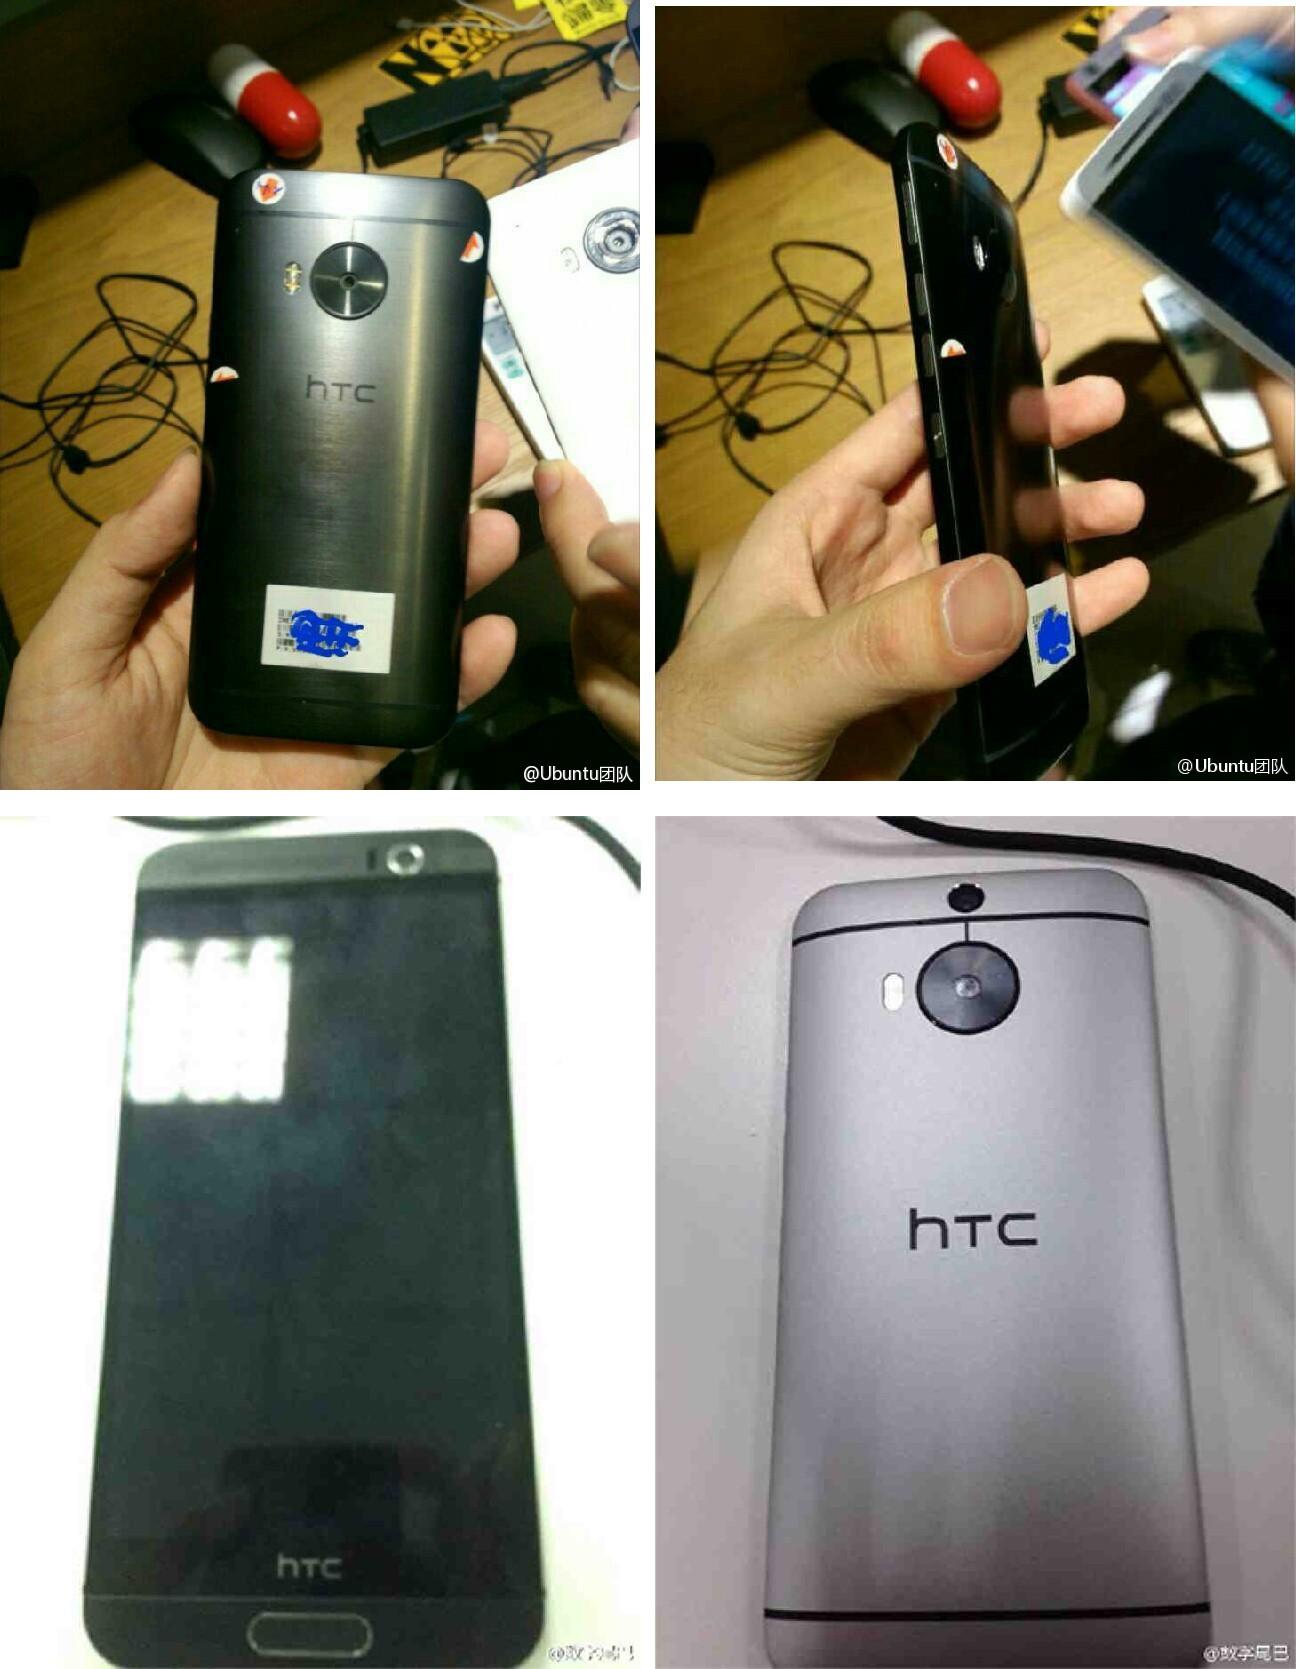 htc one m9  - HTC One M9+ cấu hình cao sẽ sớm có mặt?